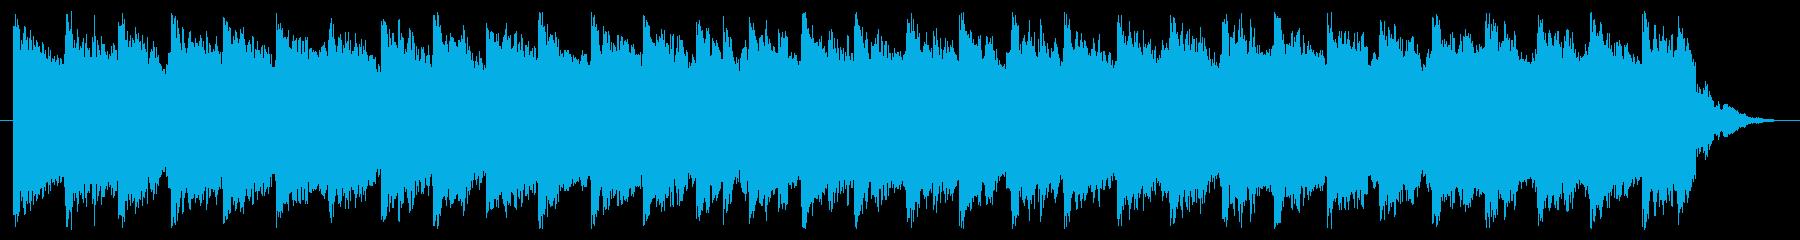 ブーン(サイレン、アラーム音)(高音)の再生済みの波形